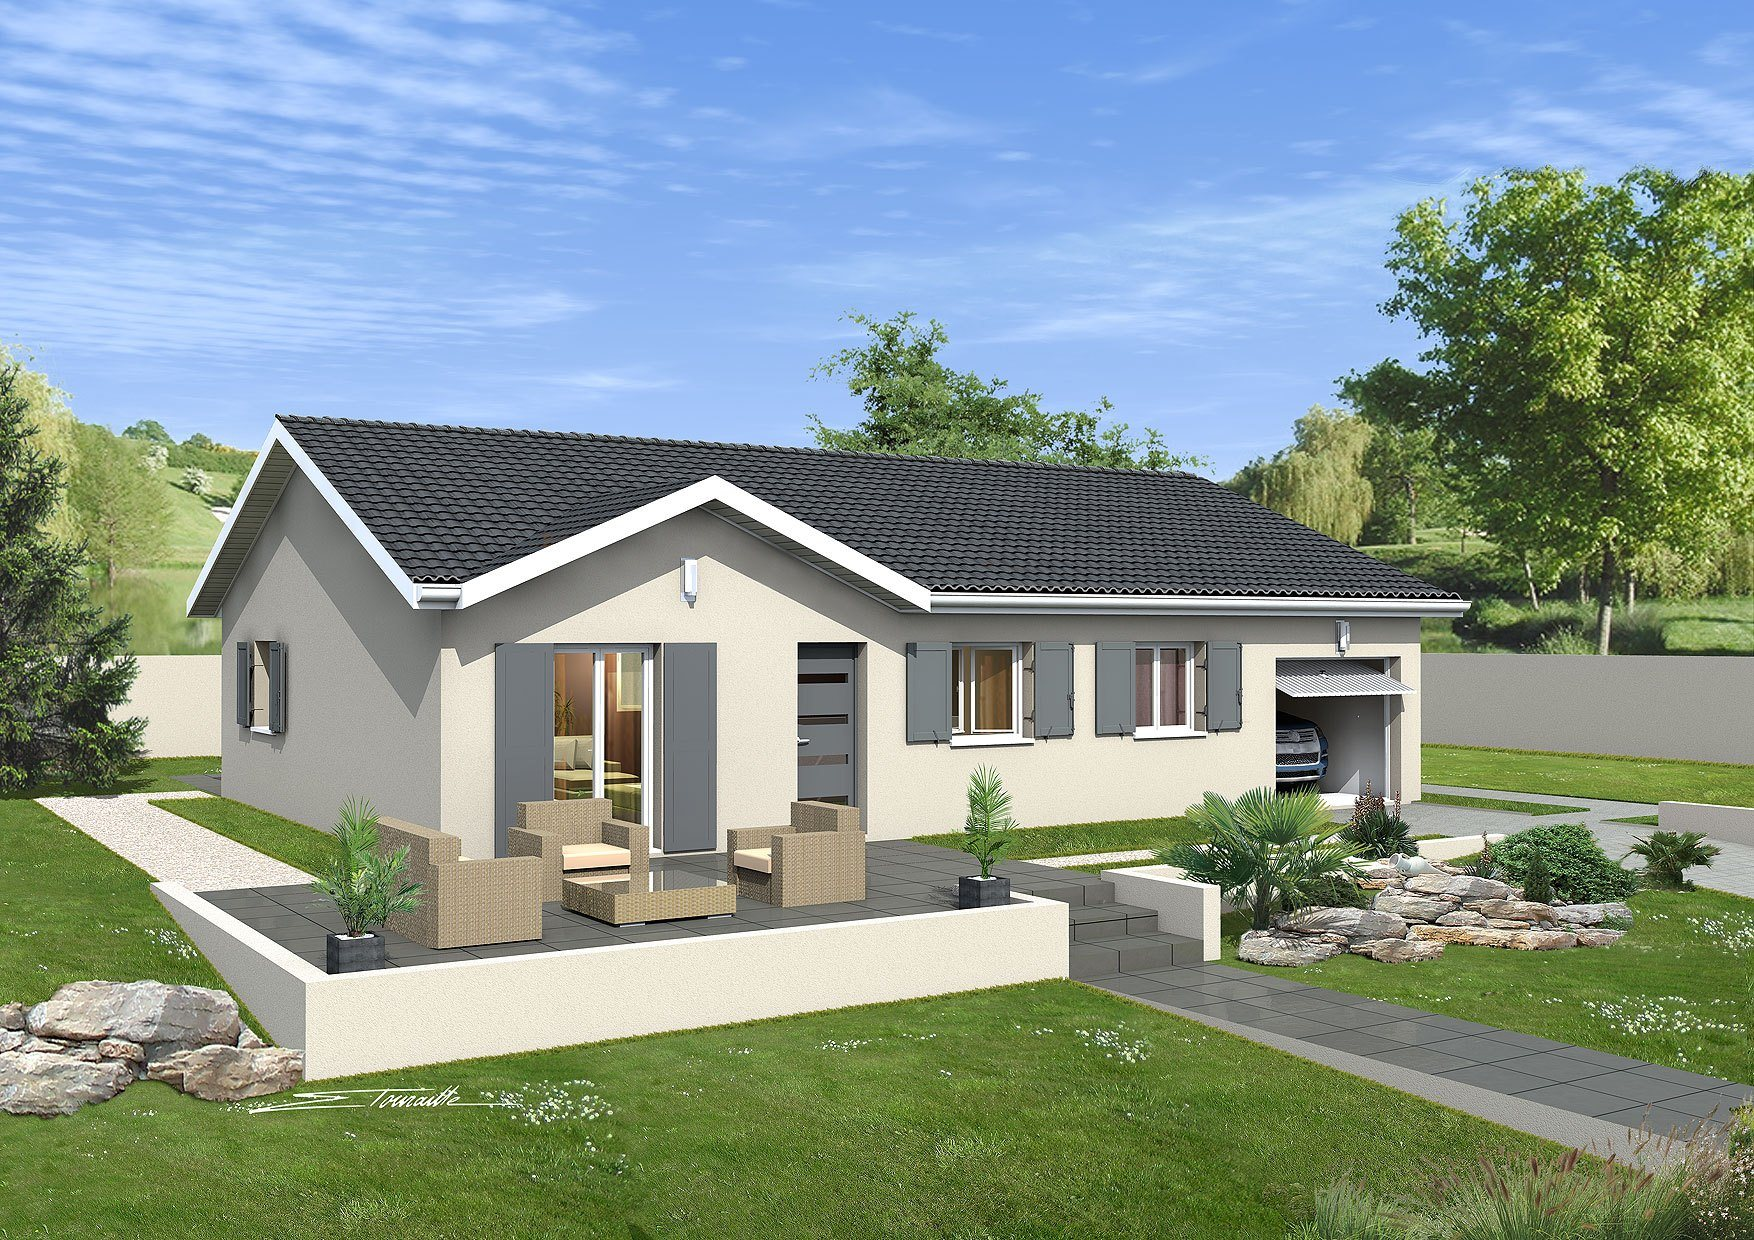 Maisons + Terrains du constructeur MAISONS PUNCH • 89 m² • VILLARS LES DOMBES